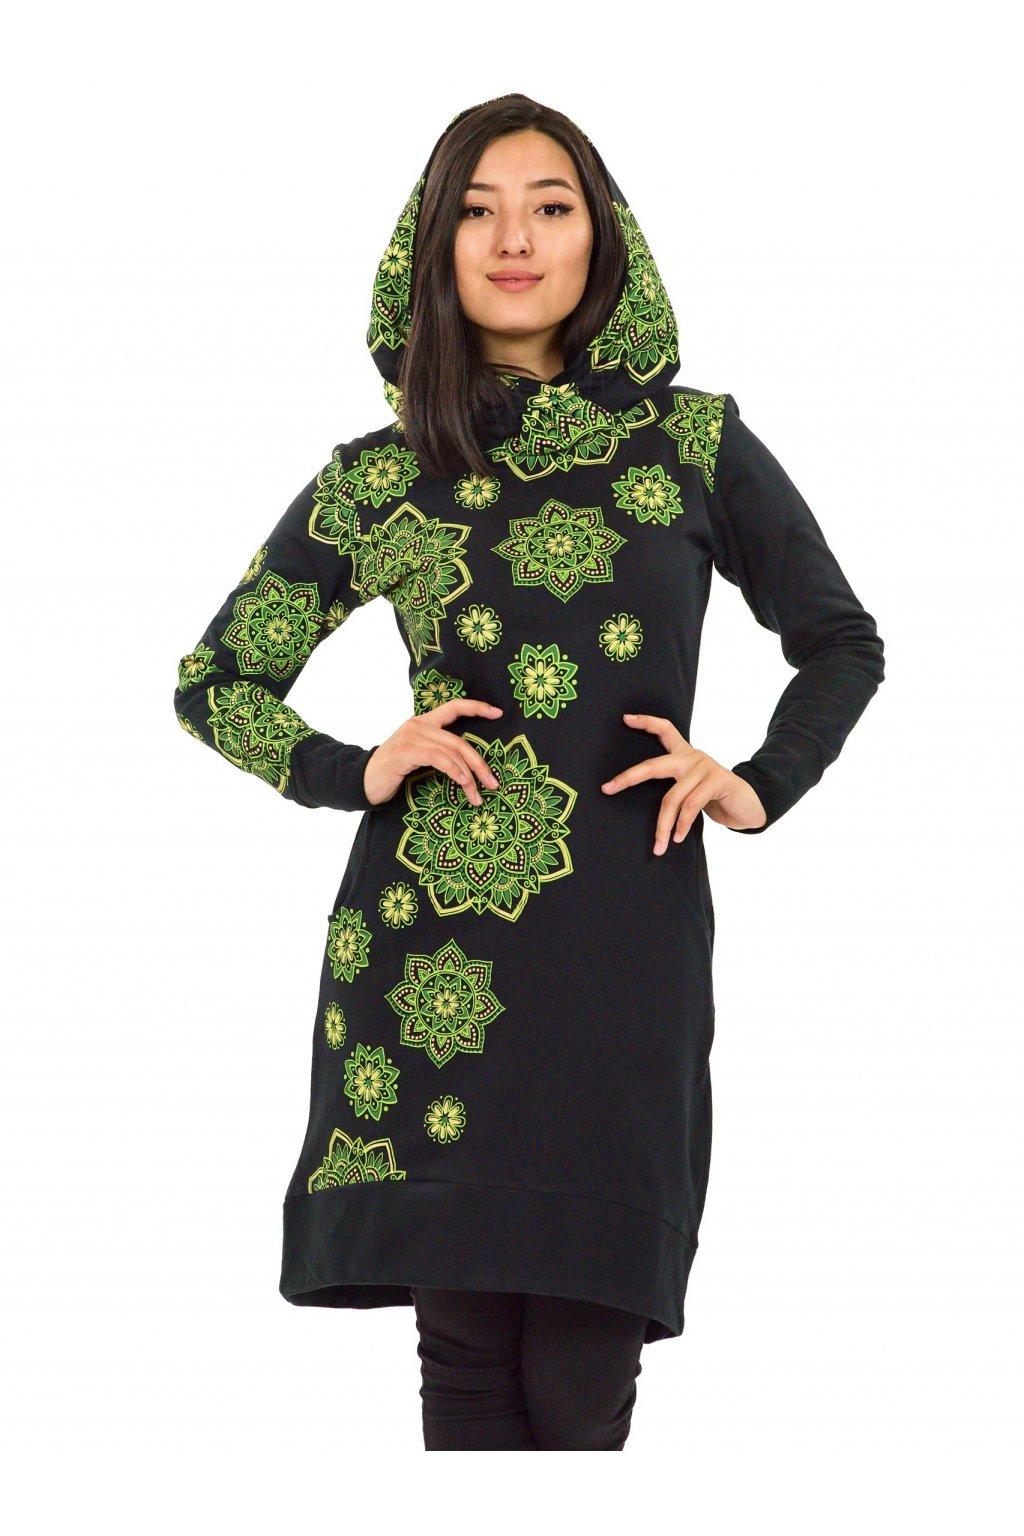 Šatomikina s maxi kapucí Pokhara - černá se zelenou